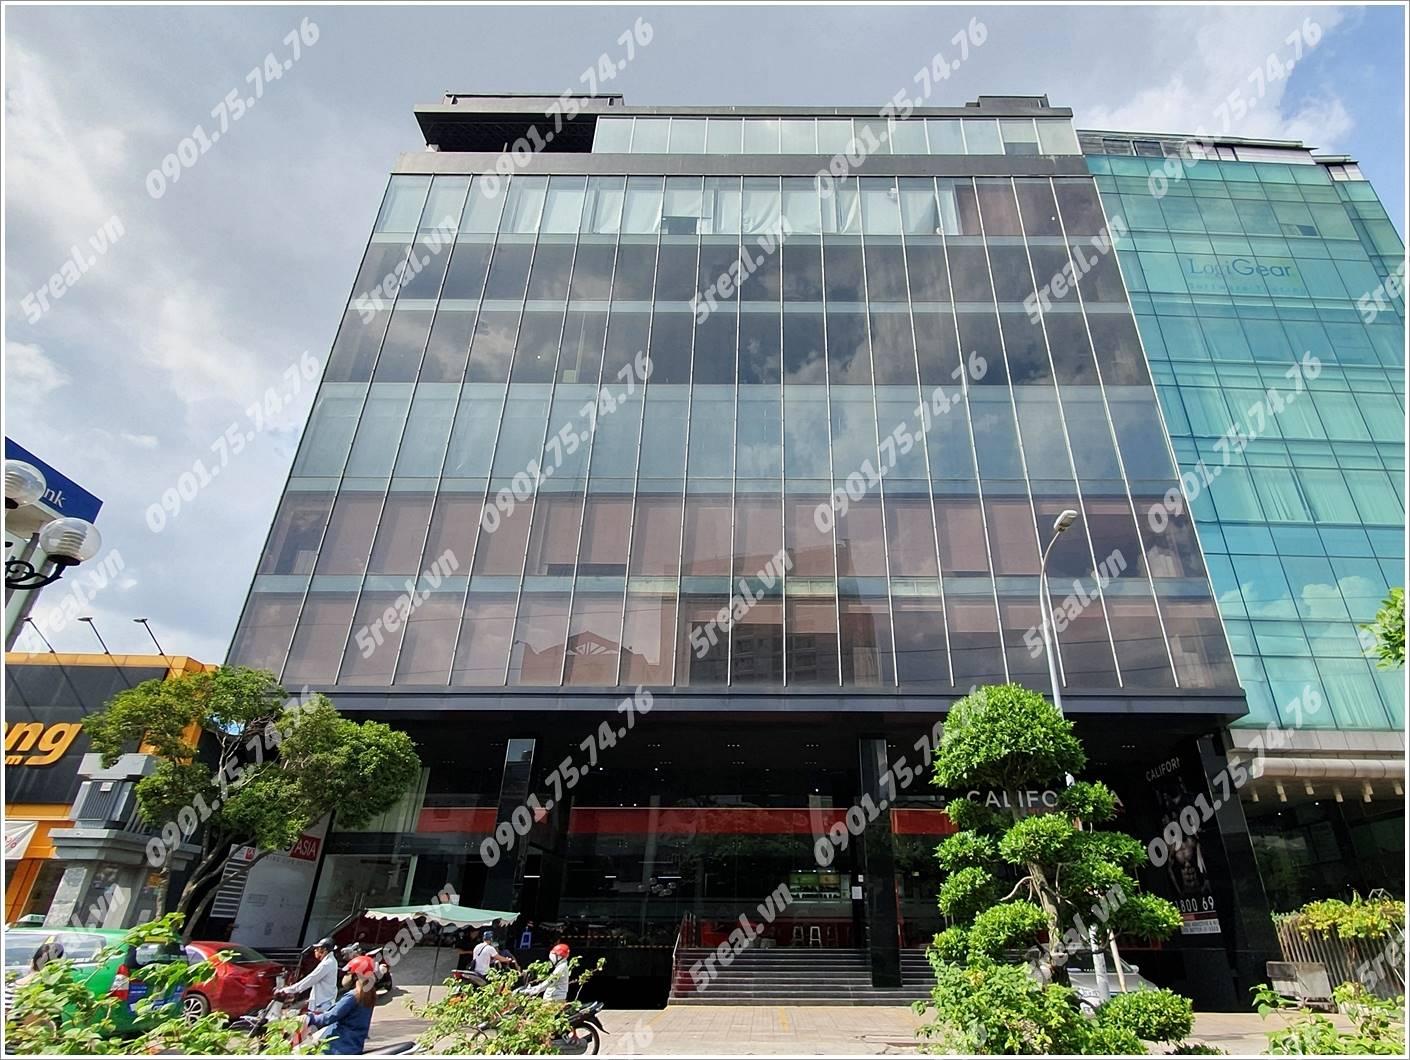 cali-tower-phan-xich-long-quan-phu-nhuan-van-phong-cho-thue-tphcm-5real.vn-01